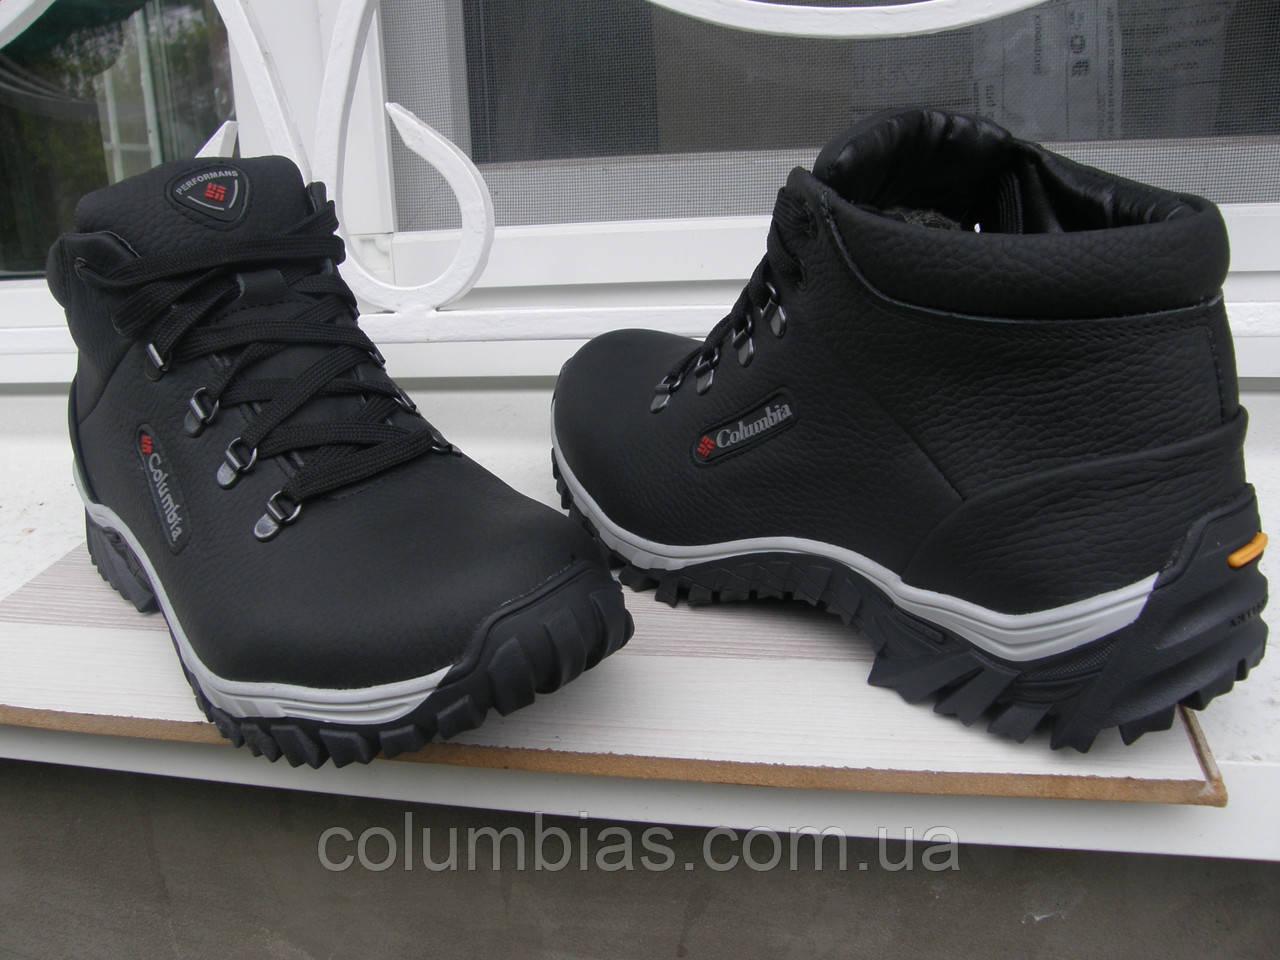 Мужская зимняя обувь и ботинки columbиa